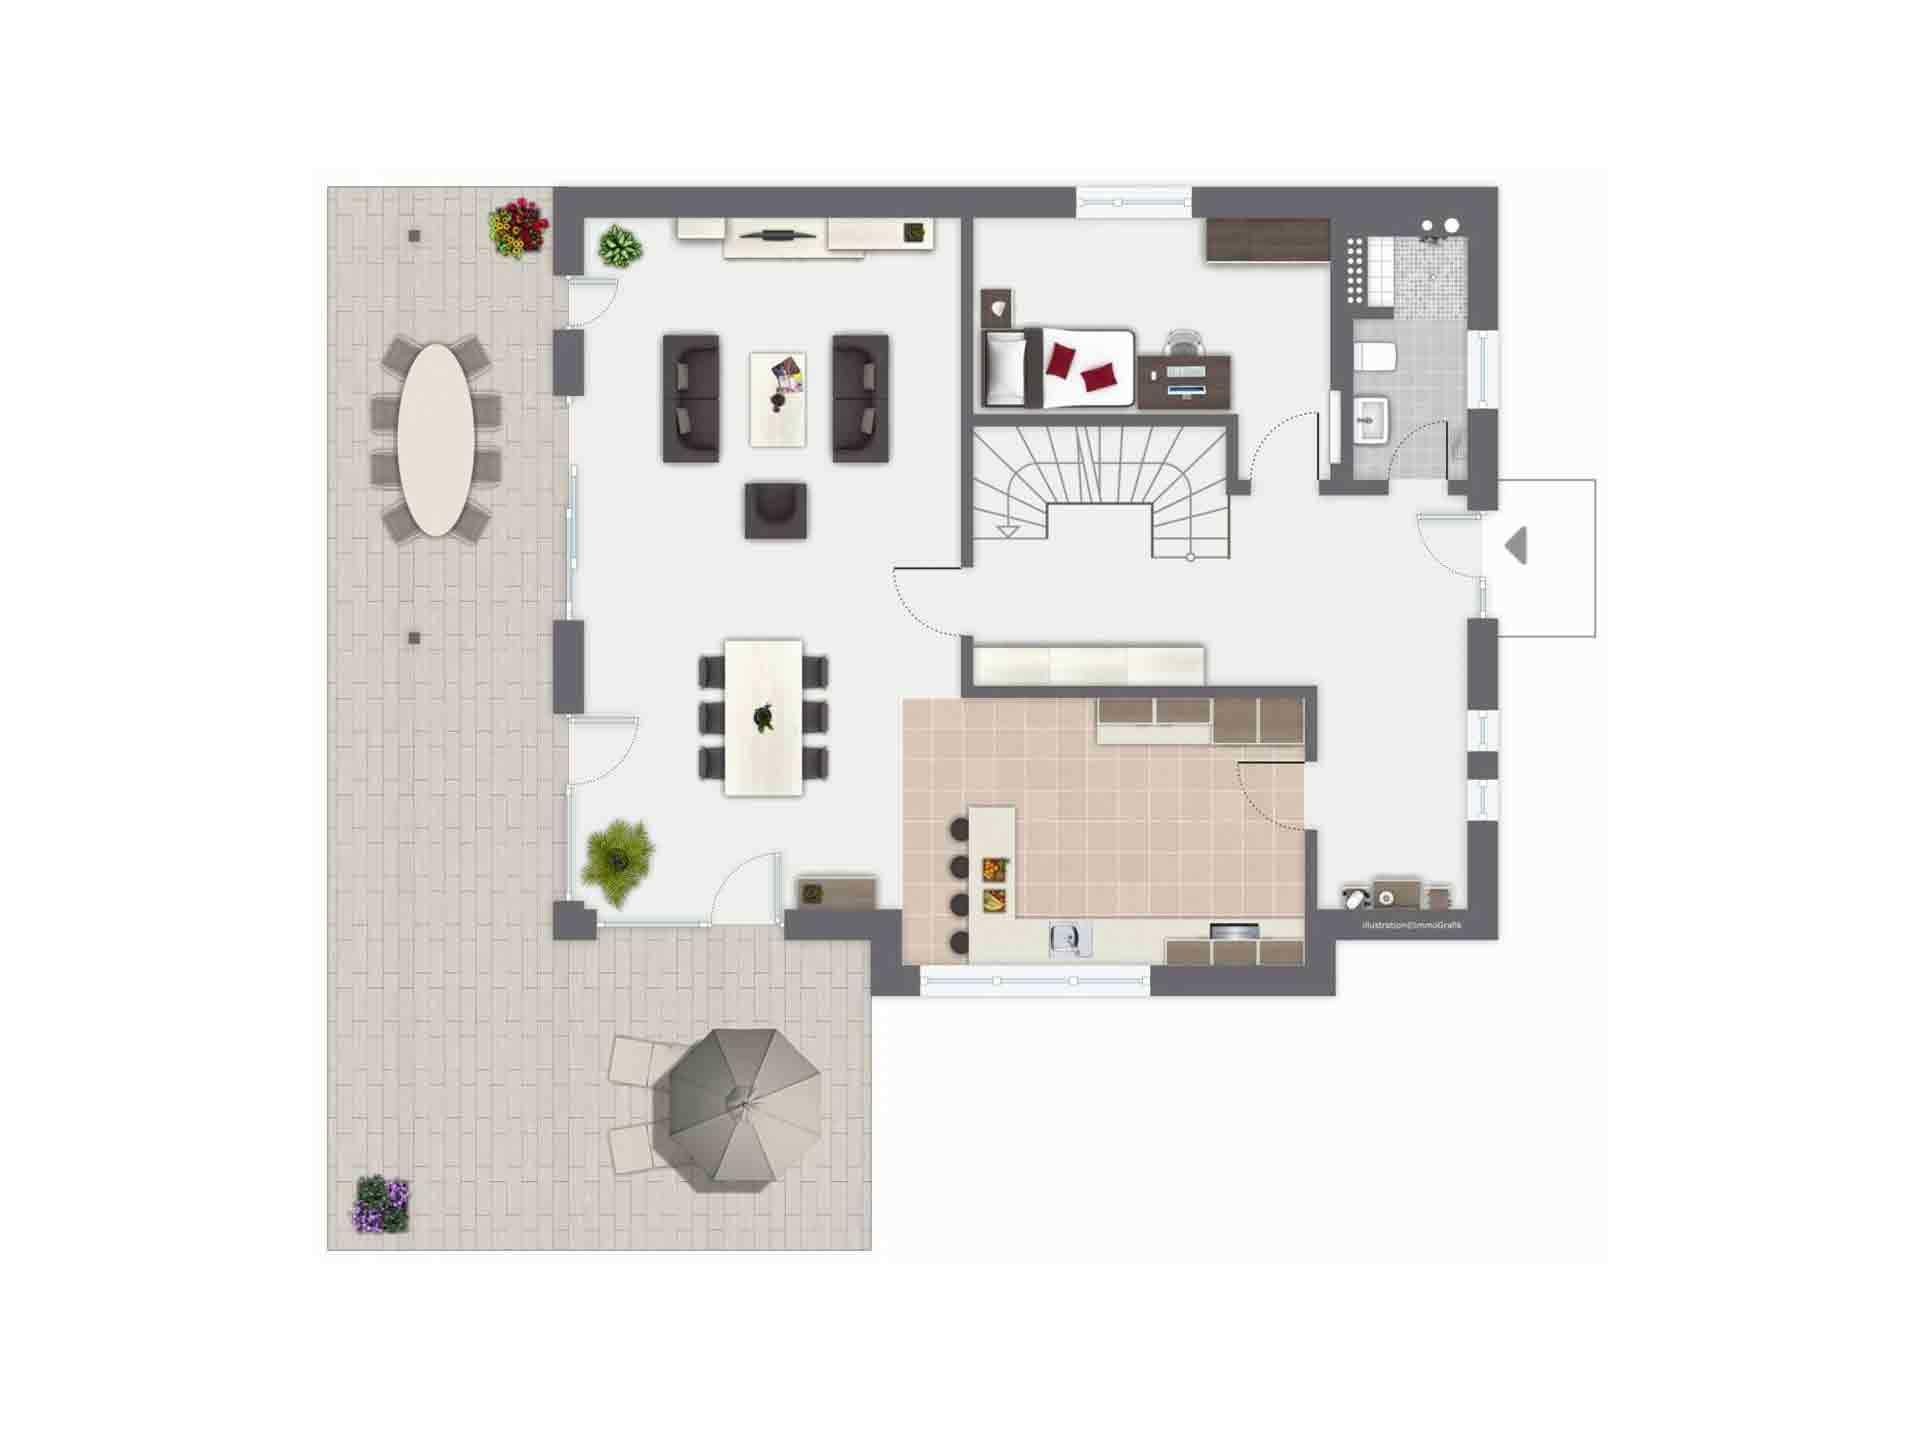 Haus Ponticelli - Eine Nahaufnahme eines Geräts - Gebäudeplan